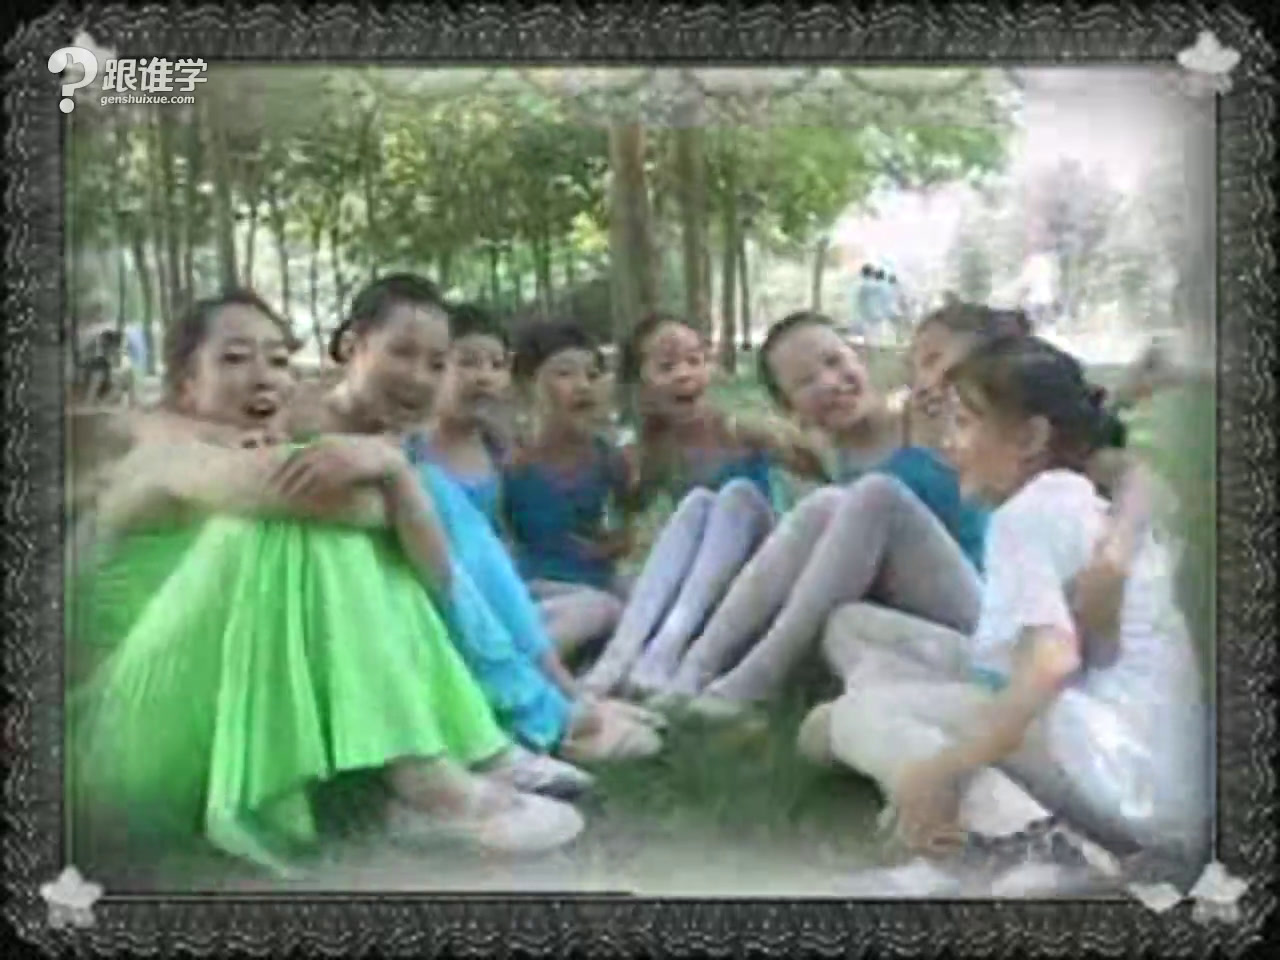 冯洁舞蹈培训学校视频 冯洁舞蹈培训学校视频课程 跟谁学官网